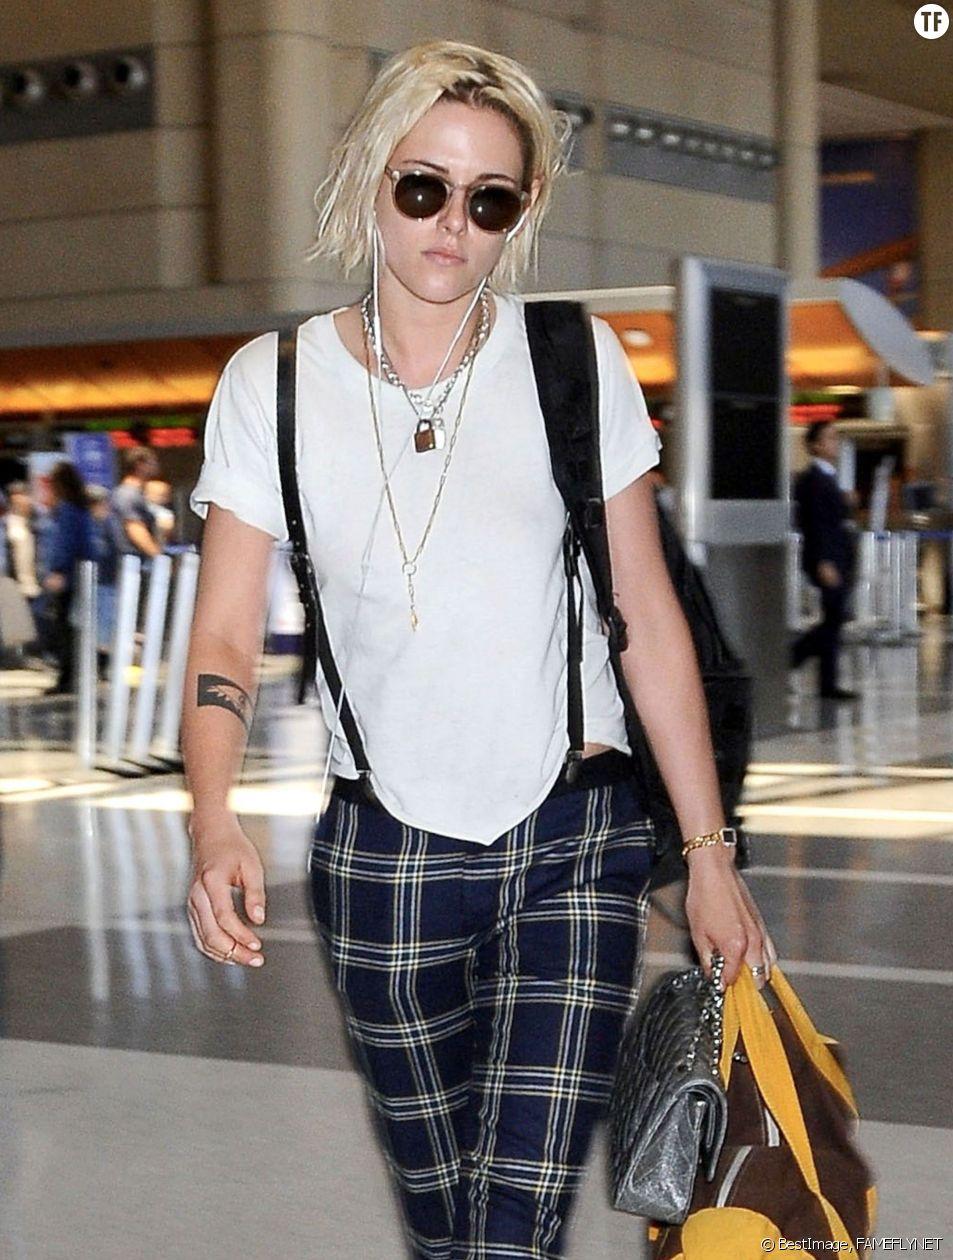 L'actrice Kristen Stewart arrive au Festival de Cannes